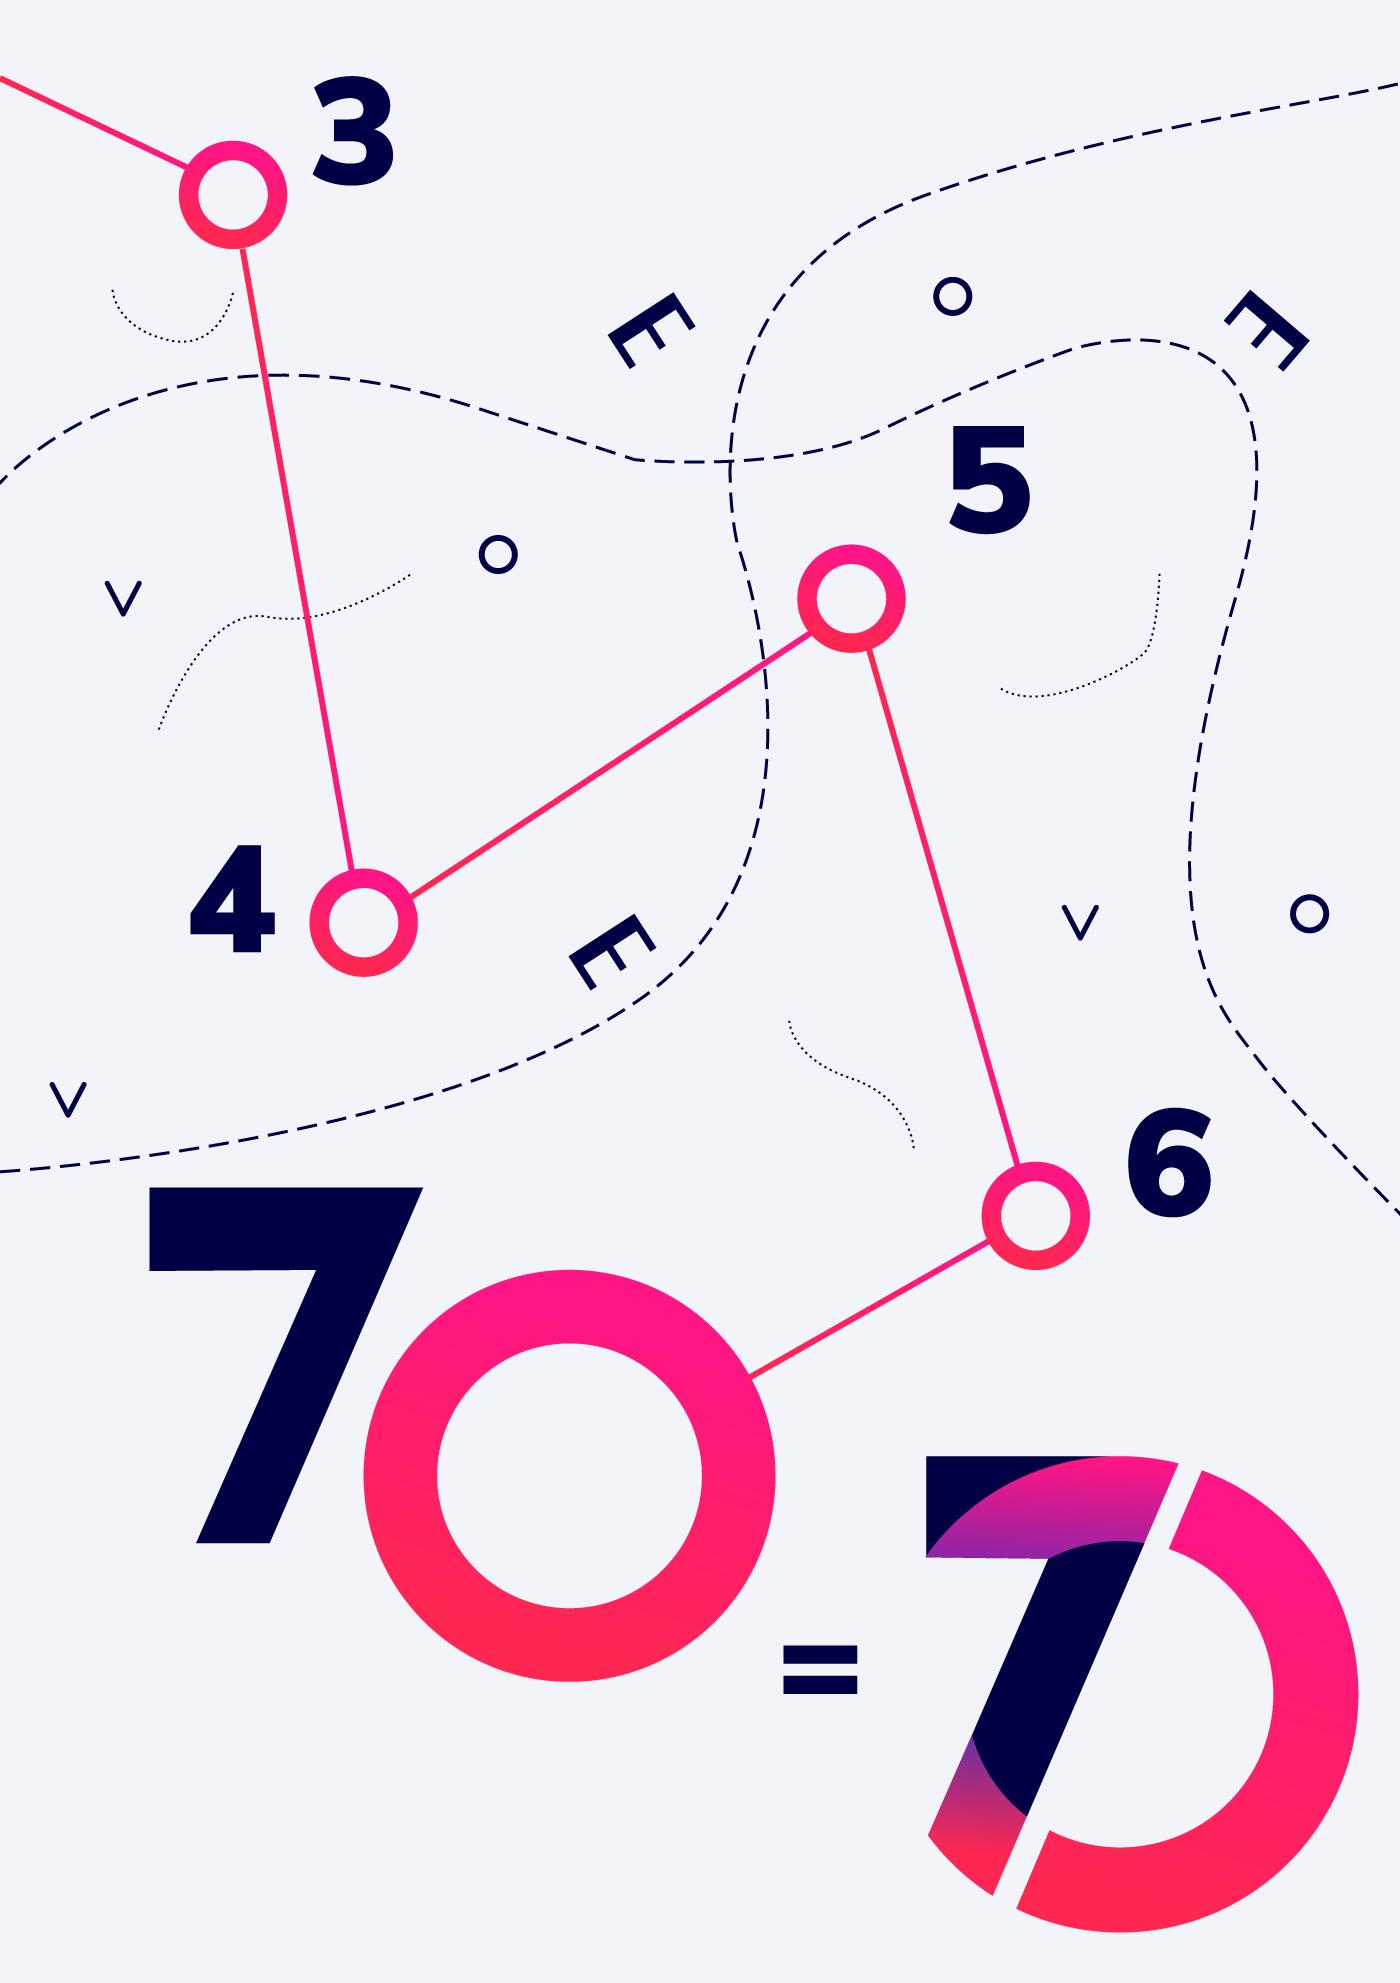 70 years logo orienteering